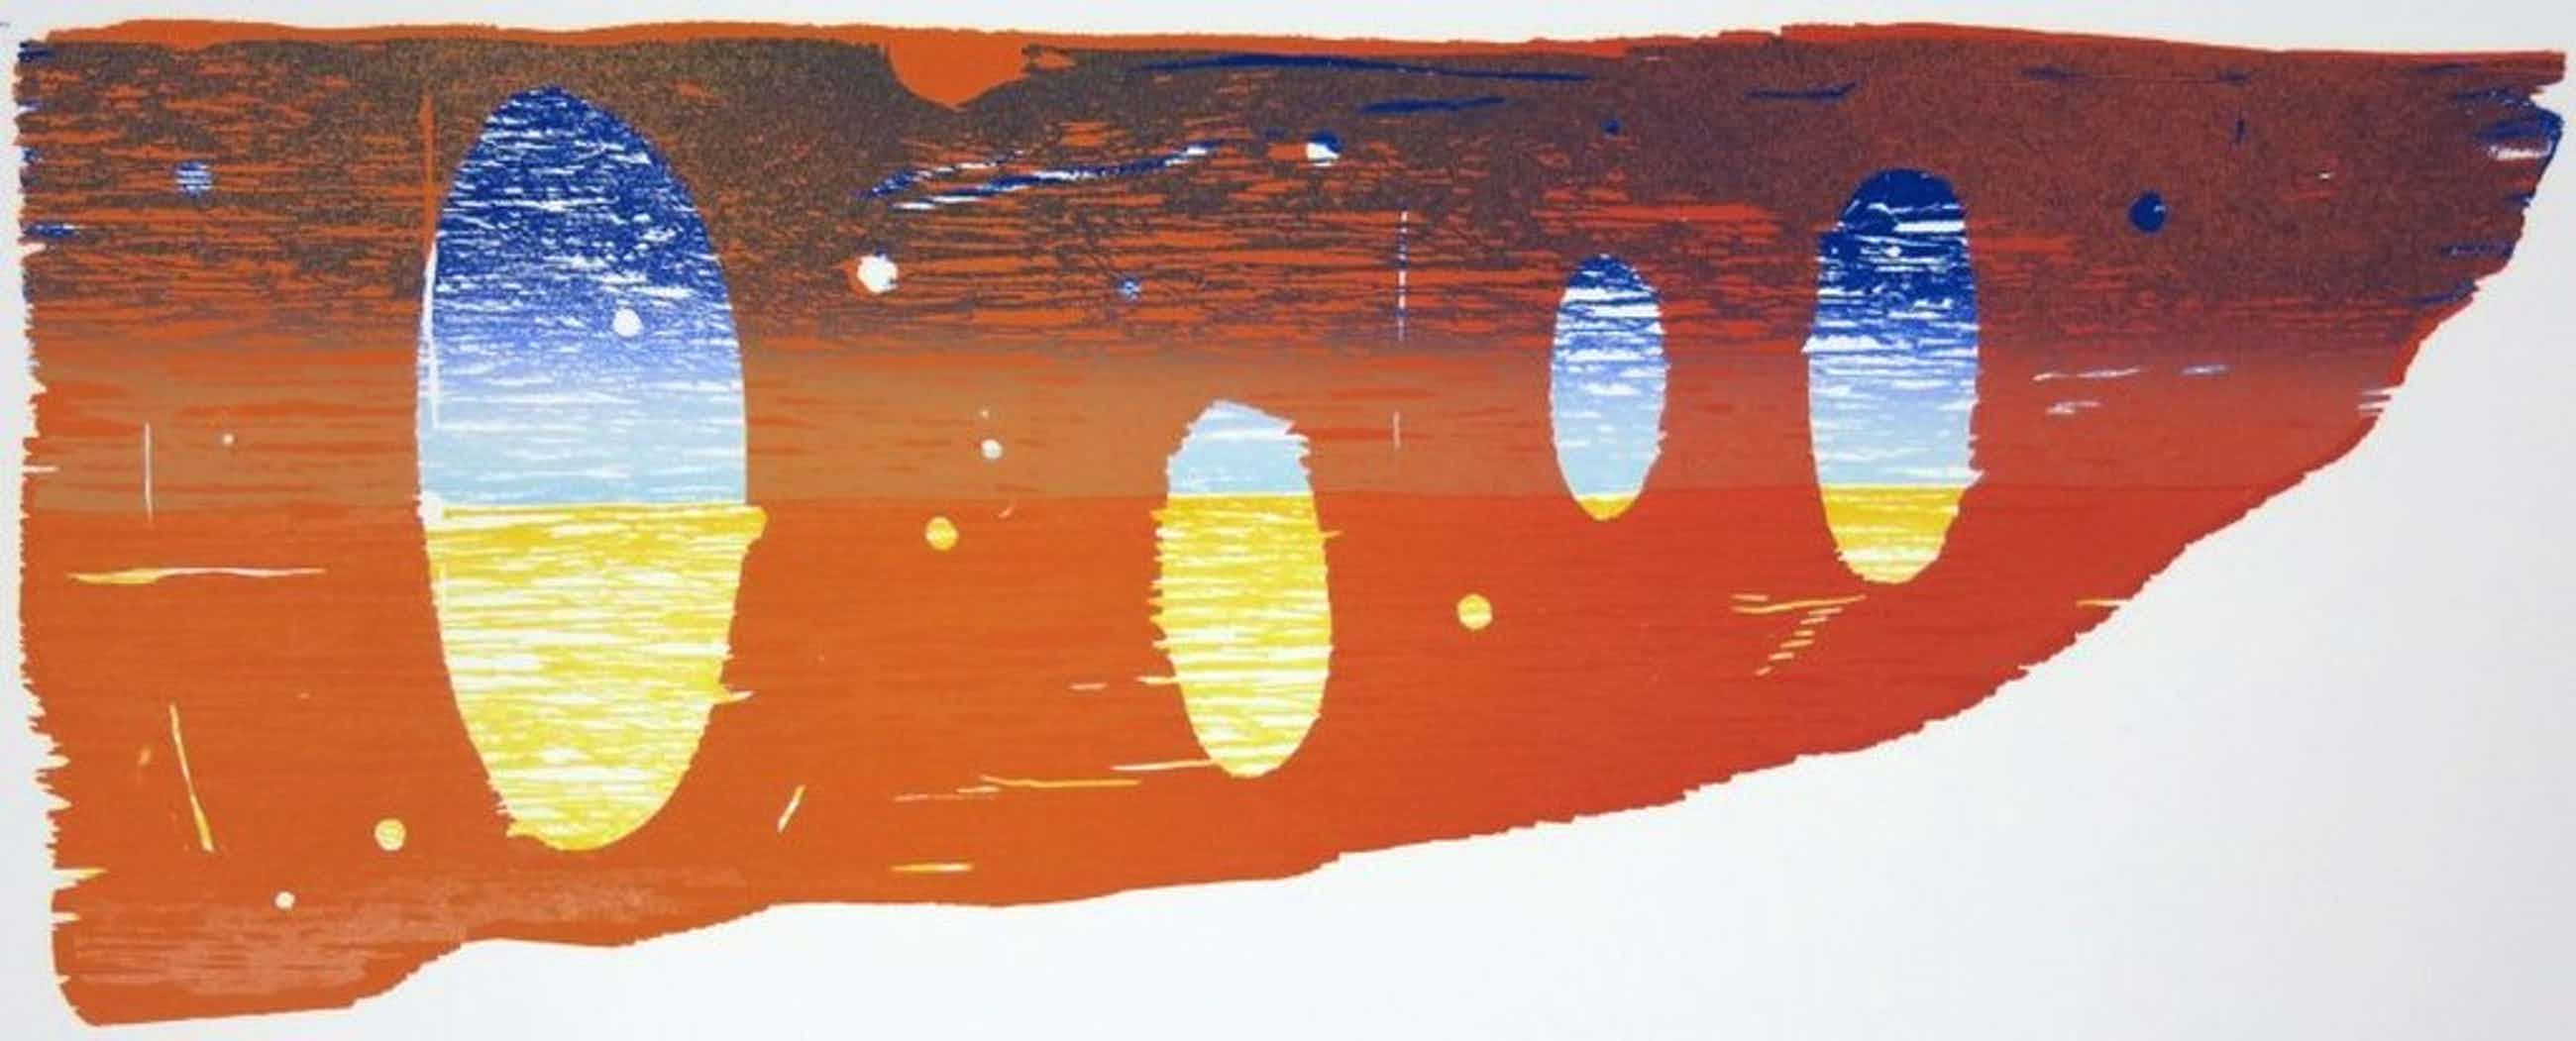 Joris Geurts: Houtsnede, Compositie oranje kopen? Bied vanaf 51!